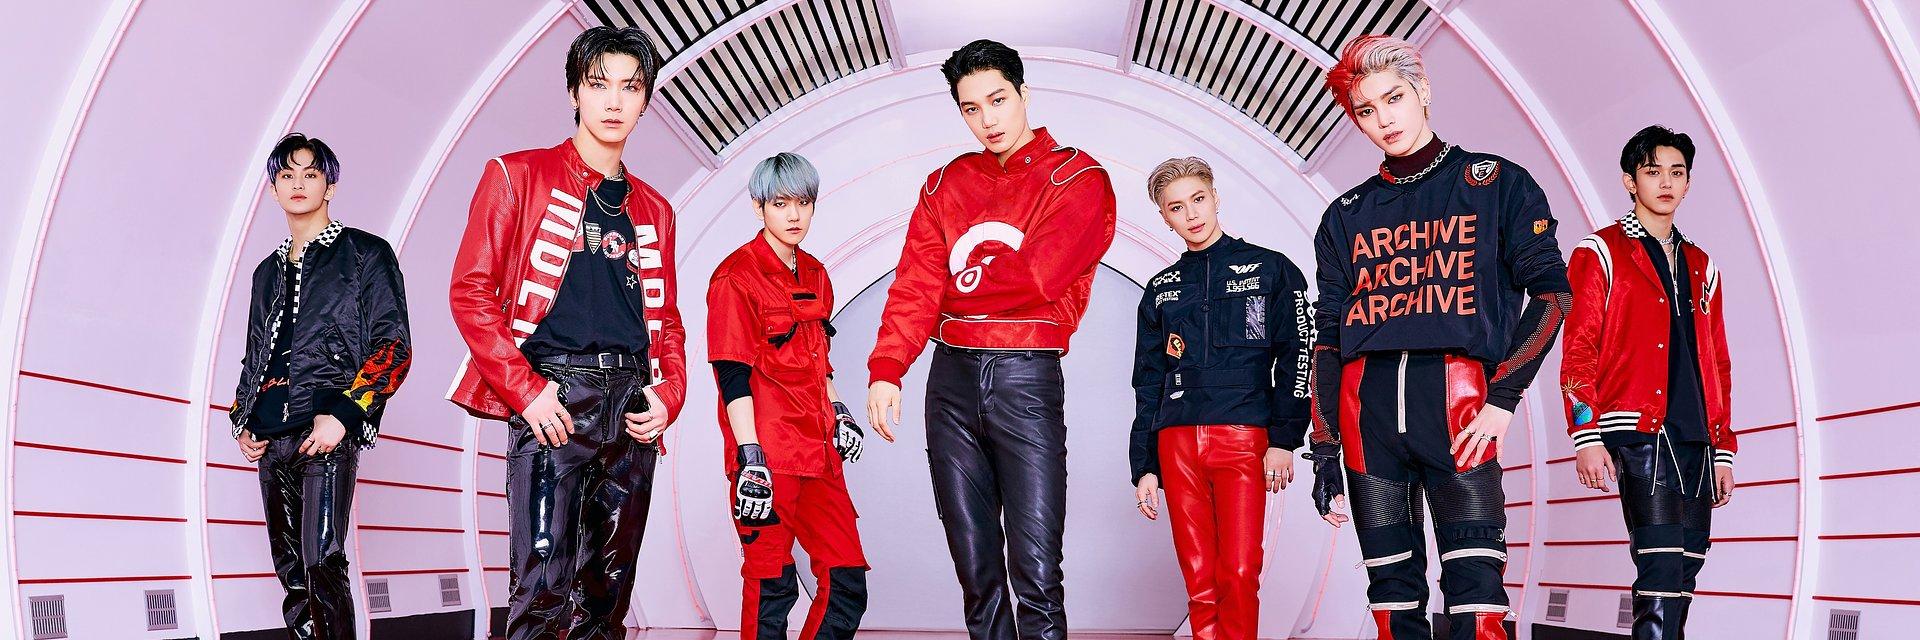 Sensacja k-popu SuperM w wydaniu retro funk